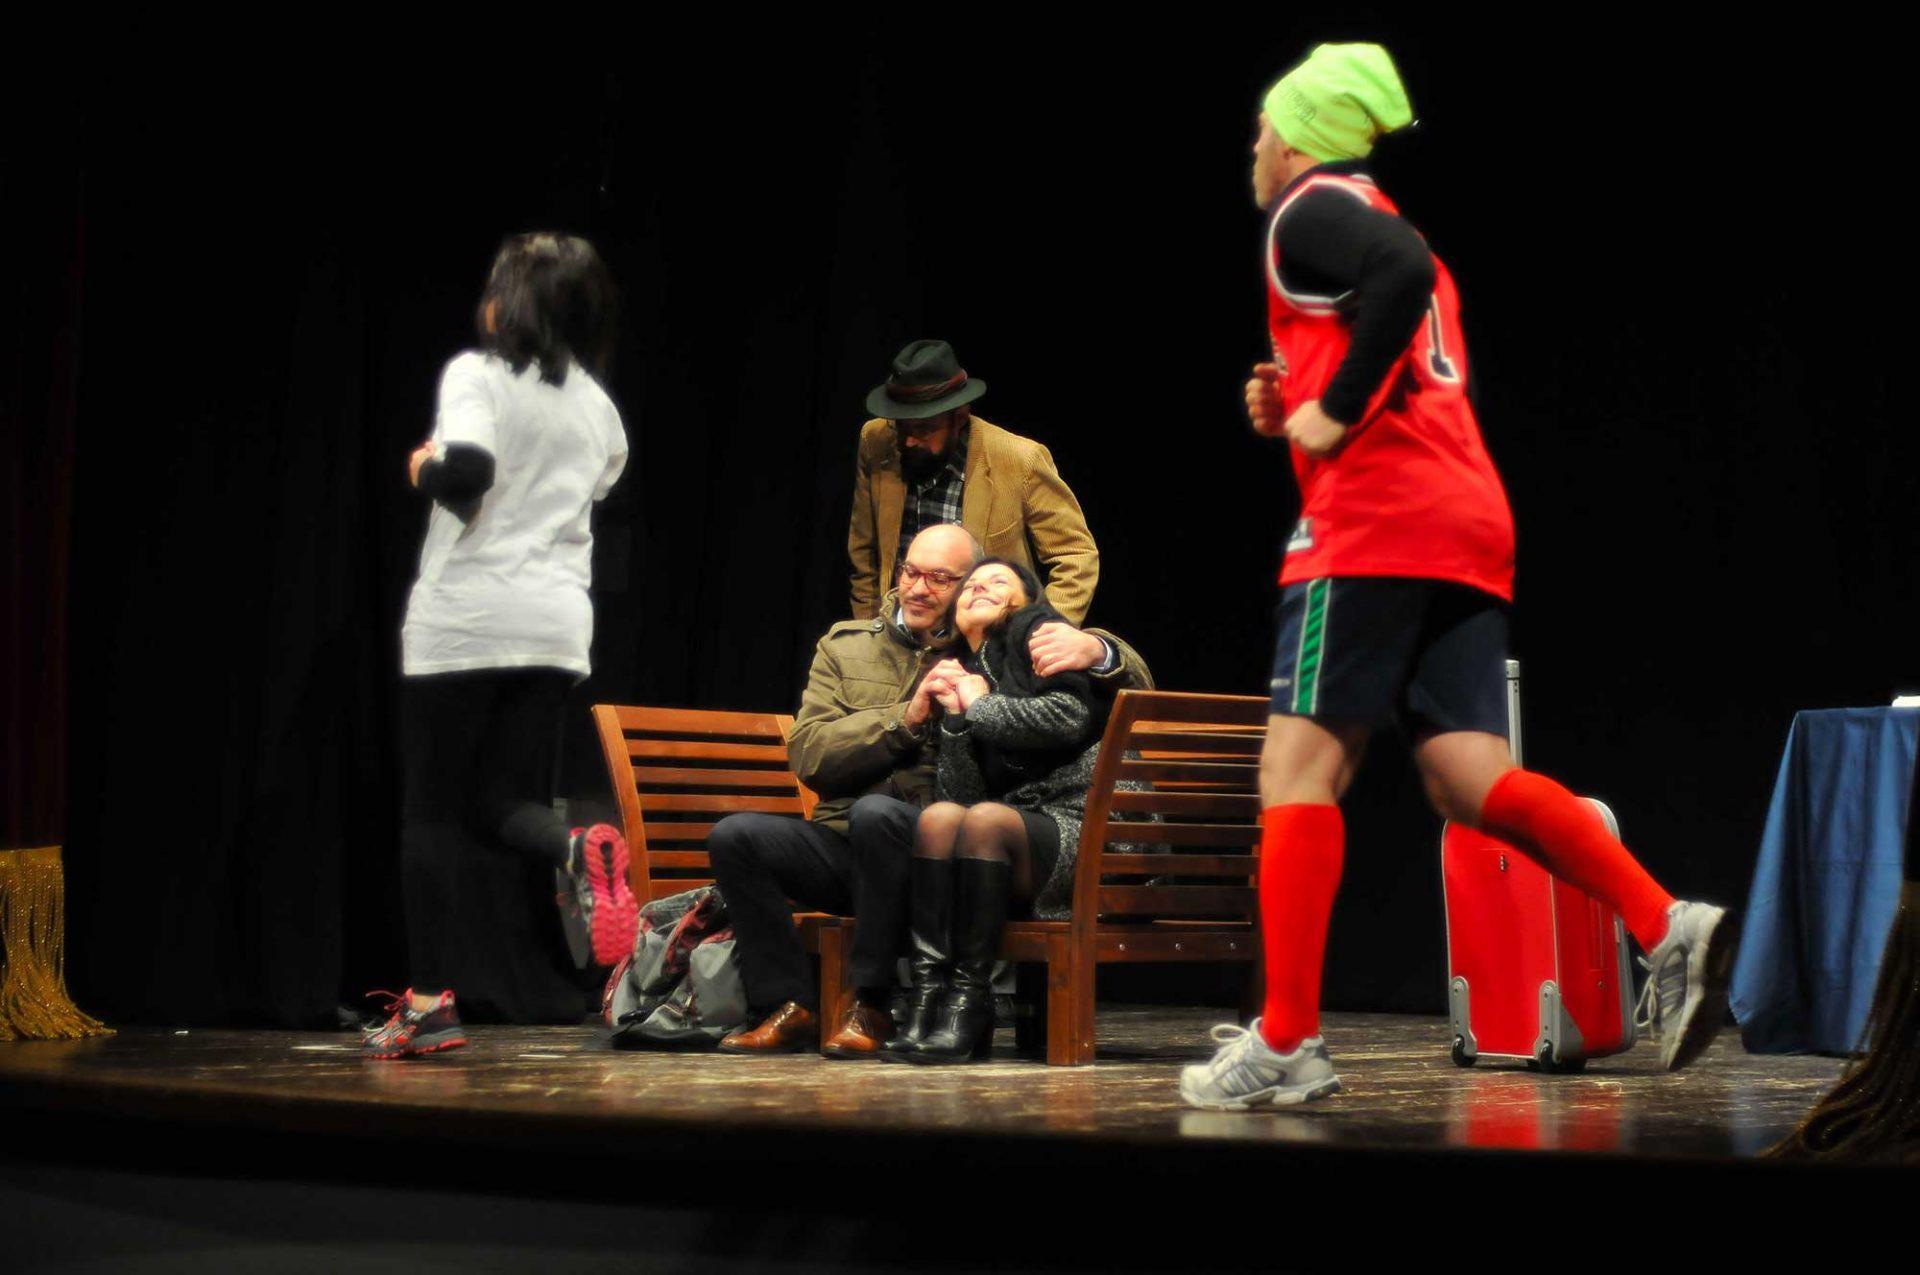 teatro-dialettale-lu-ciele-dendr-na-stenzie-marrucino-4